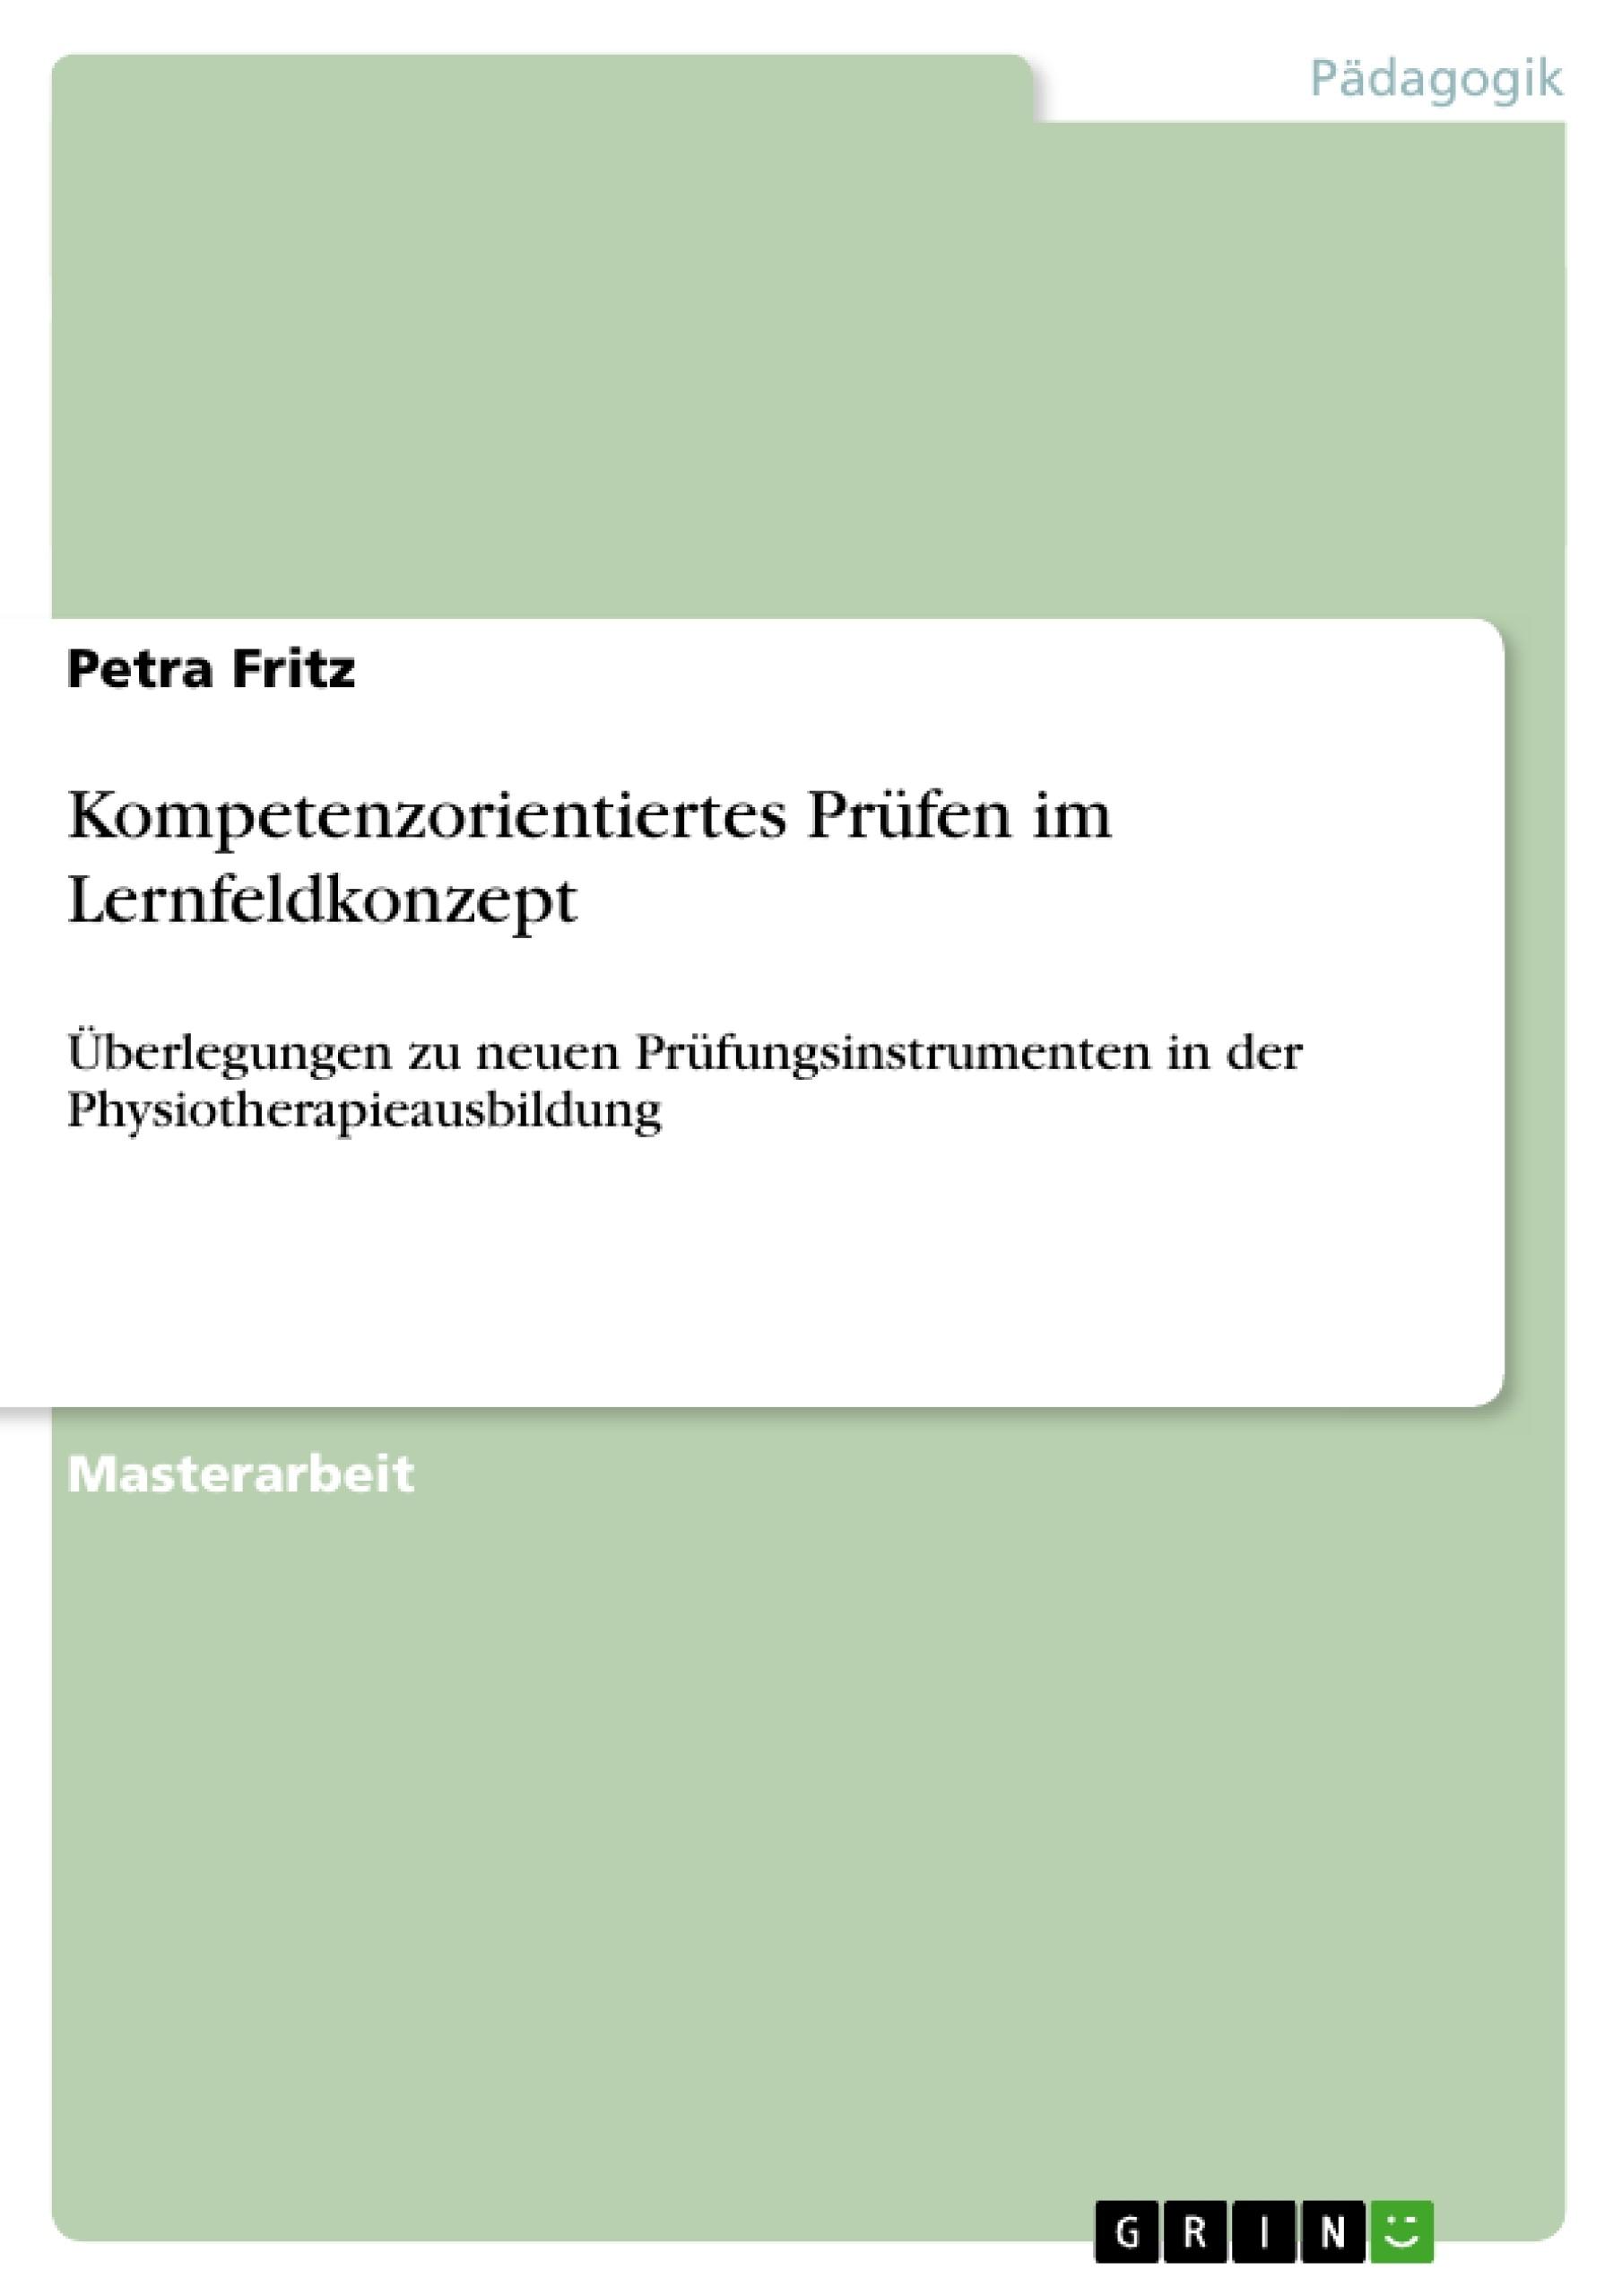 Titel: Kompetenzorientiertes Prüfen im Lernfeldkonzept